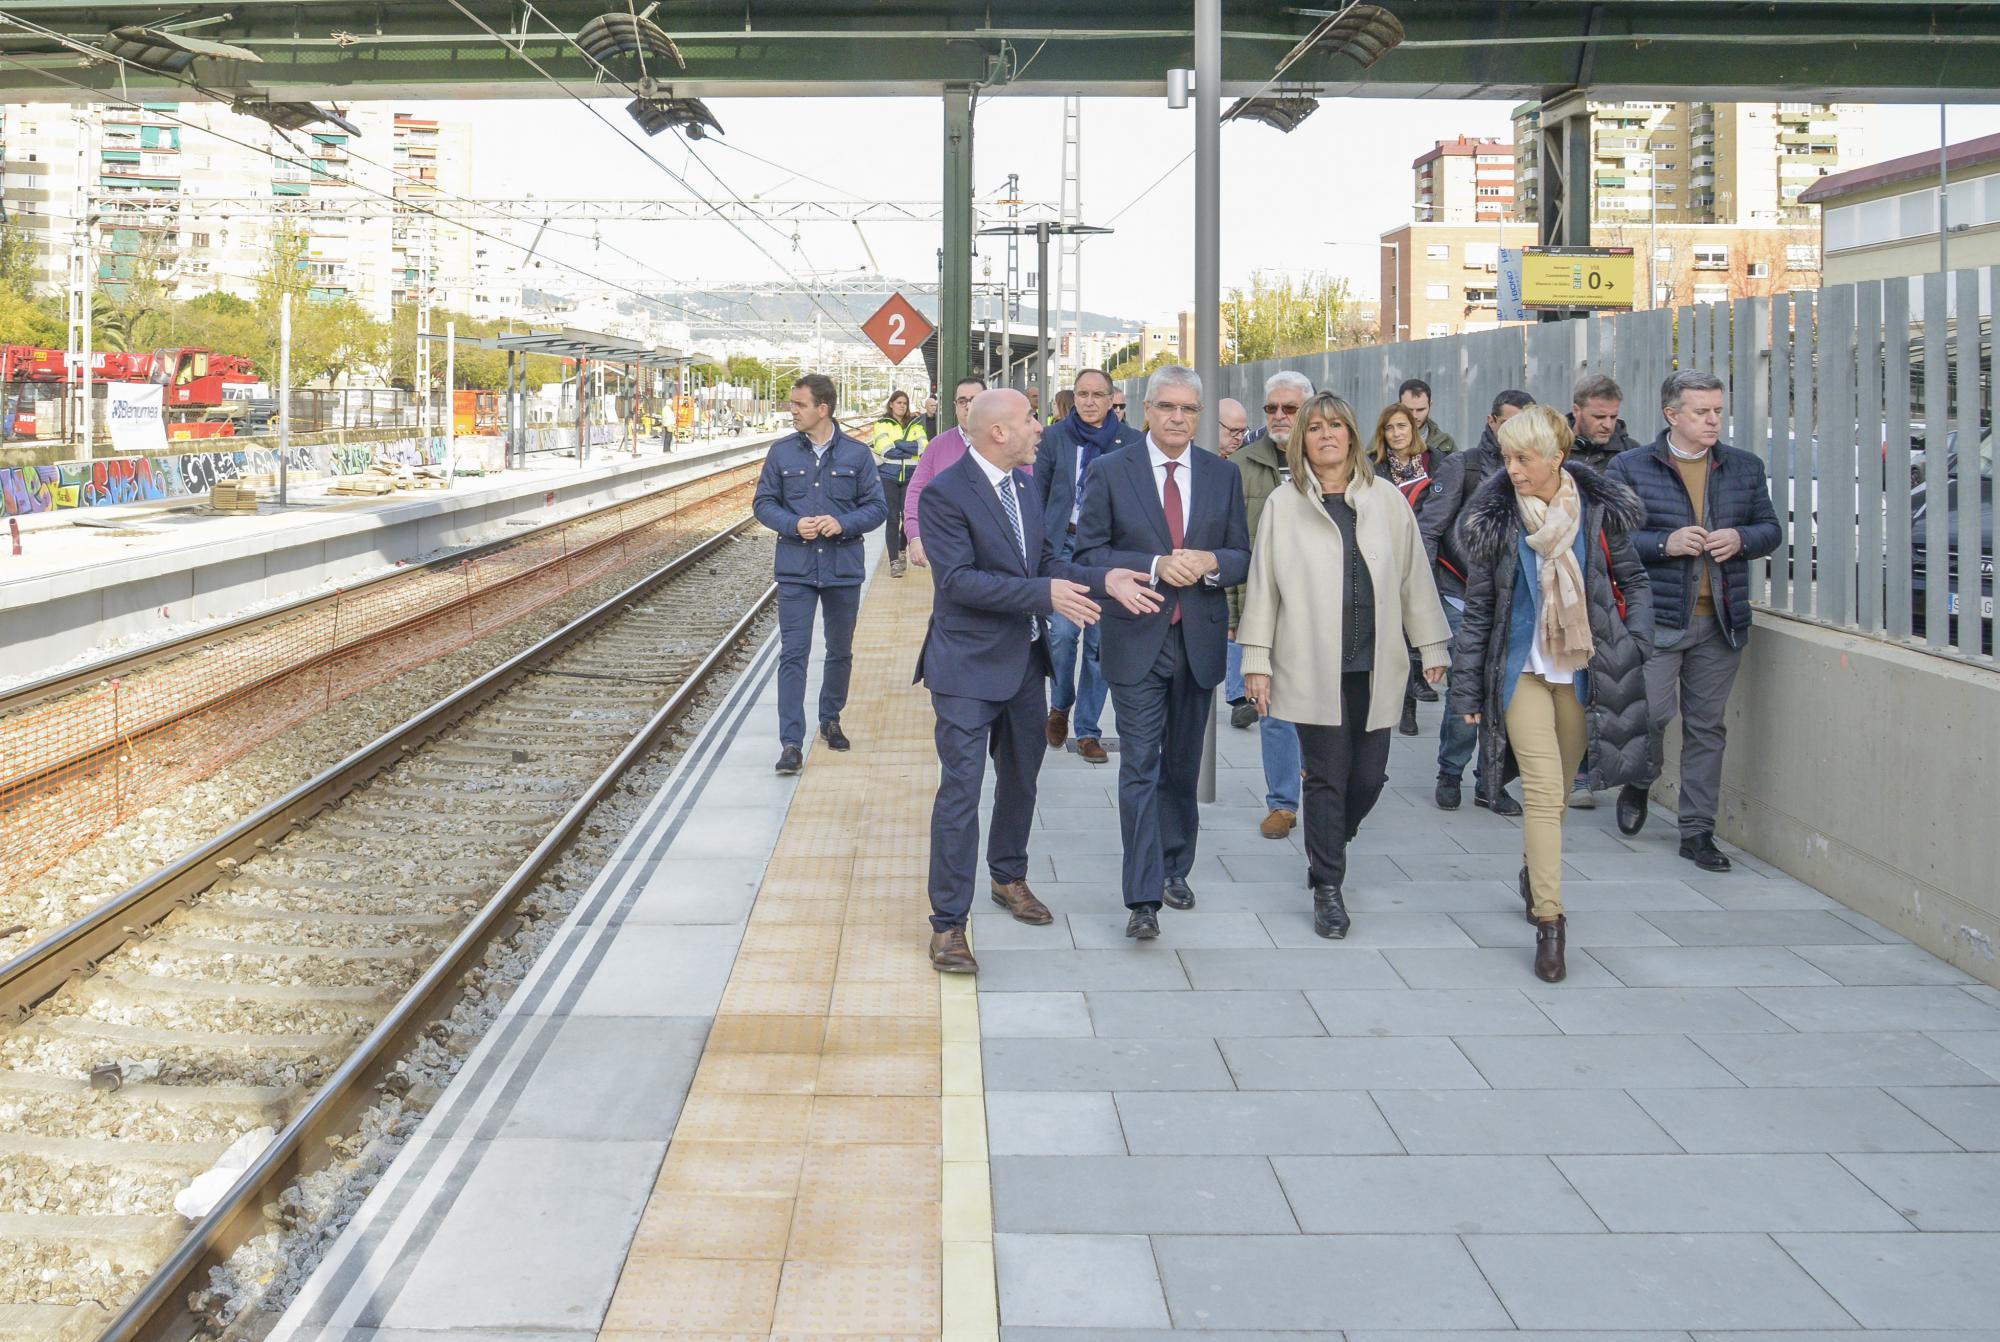 Los Ascensores De La Estación De Bellvitge Comenzarán A Funcionar En Primavera El Llobregat